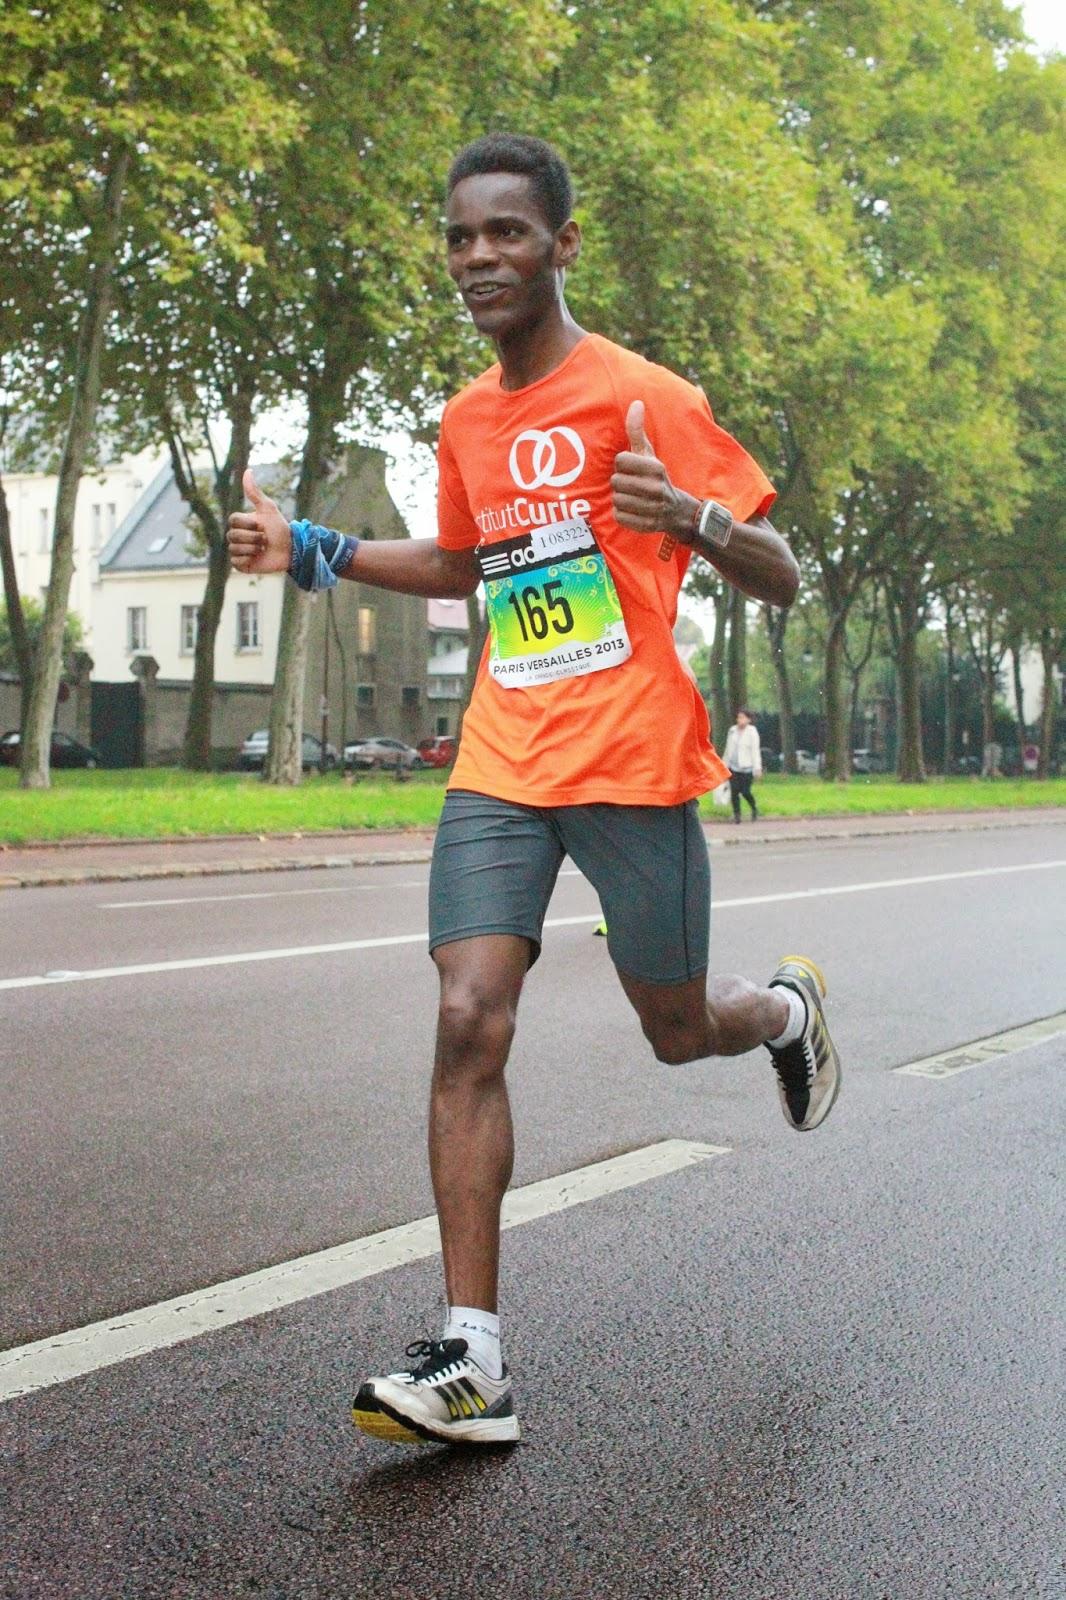 Voyager marcher courir maigrir avec l ultra marathonien - Marcher sur un tapis de course fait il maigrir ...